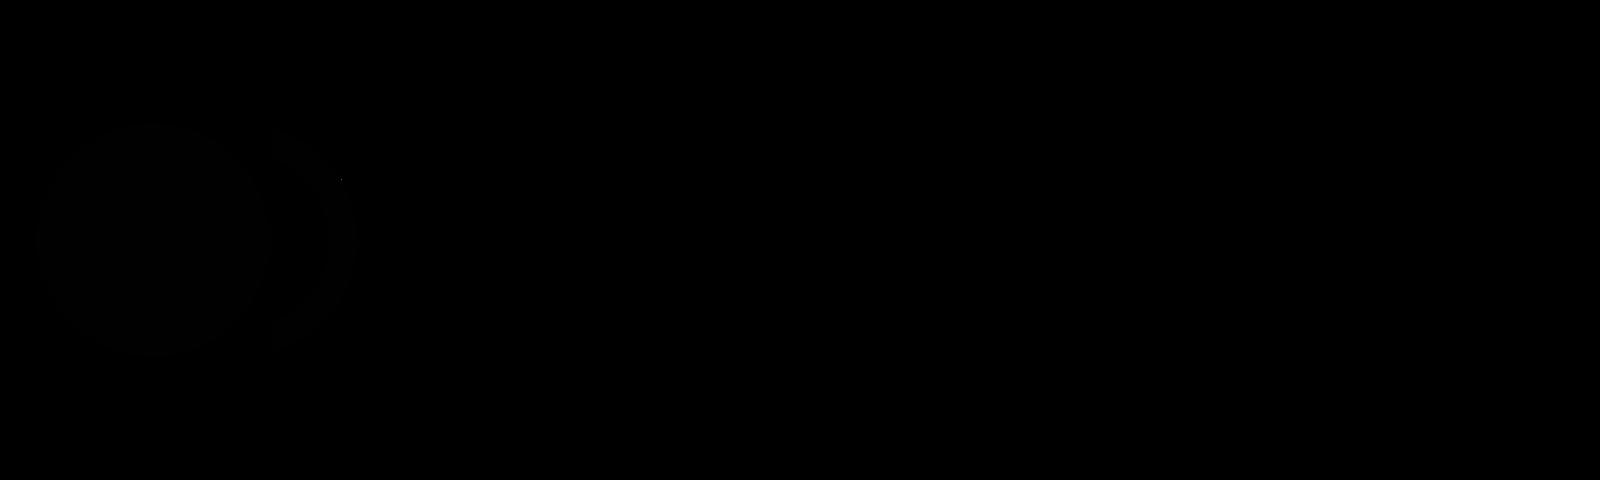 VINTCER SYSTEM STATUS